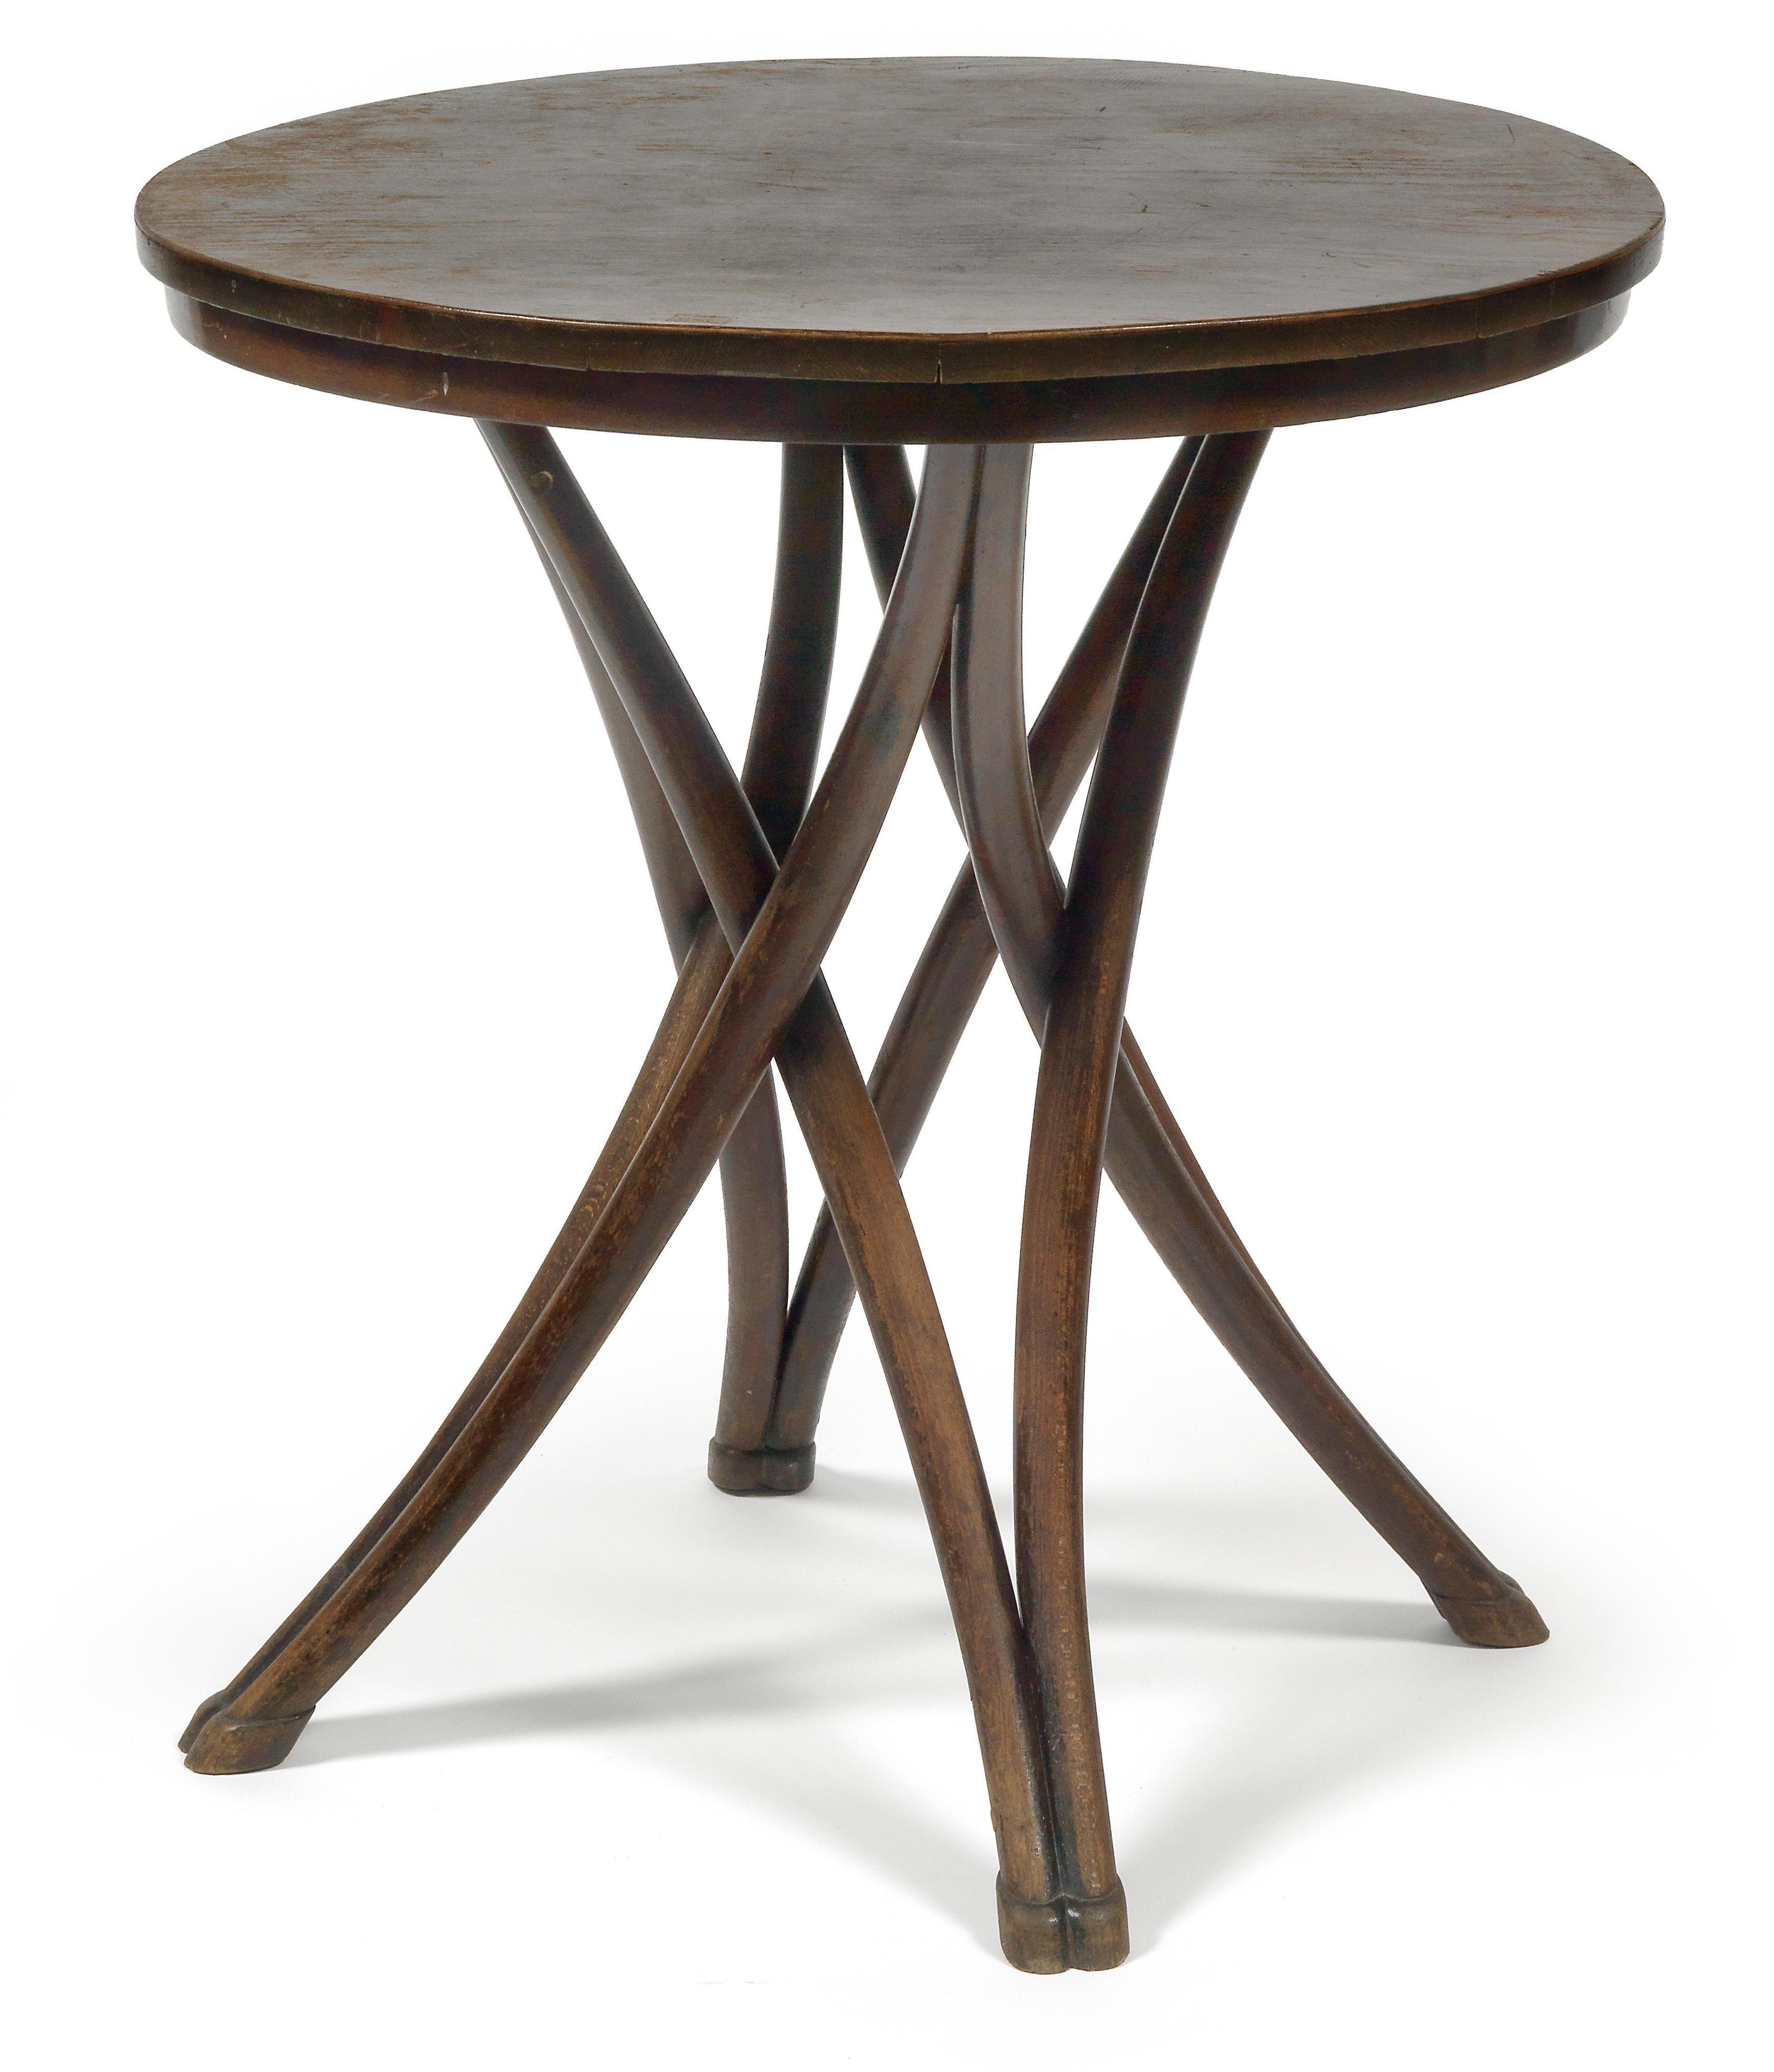 Thonet Tisch Nr 14 Thonet Pinterest Furniture Vintage